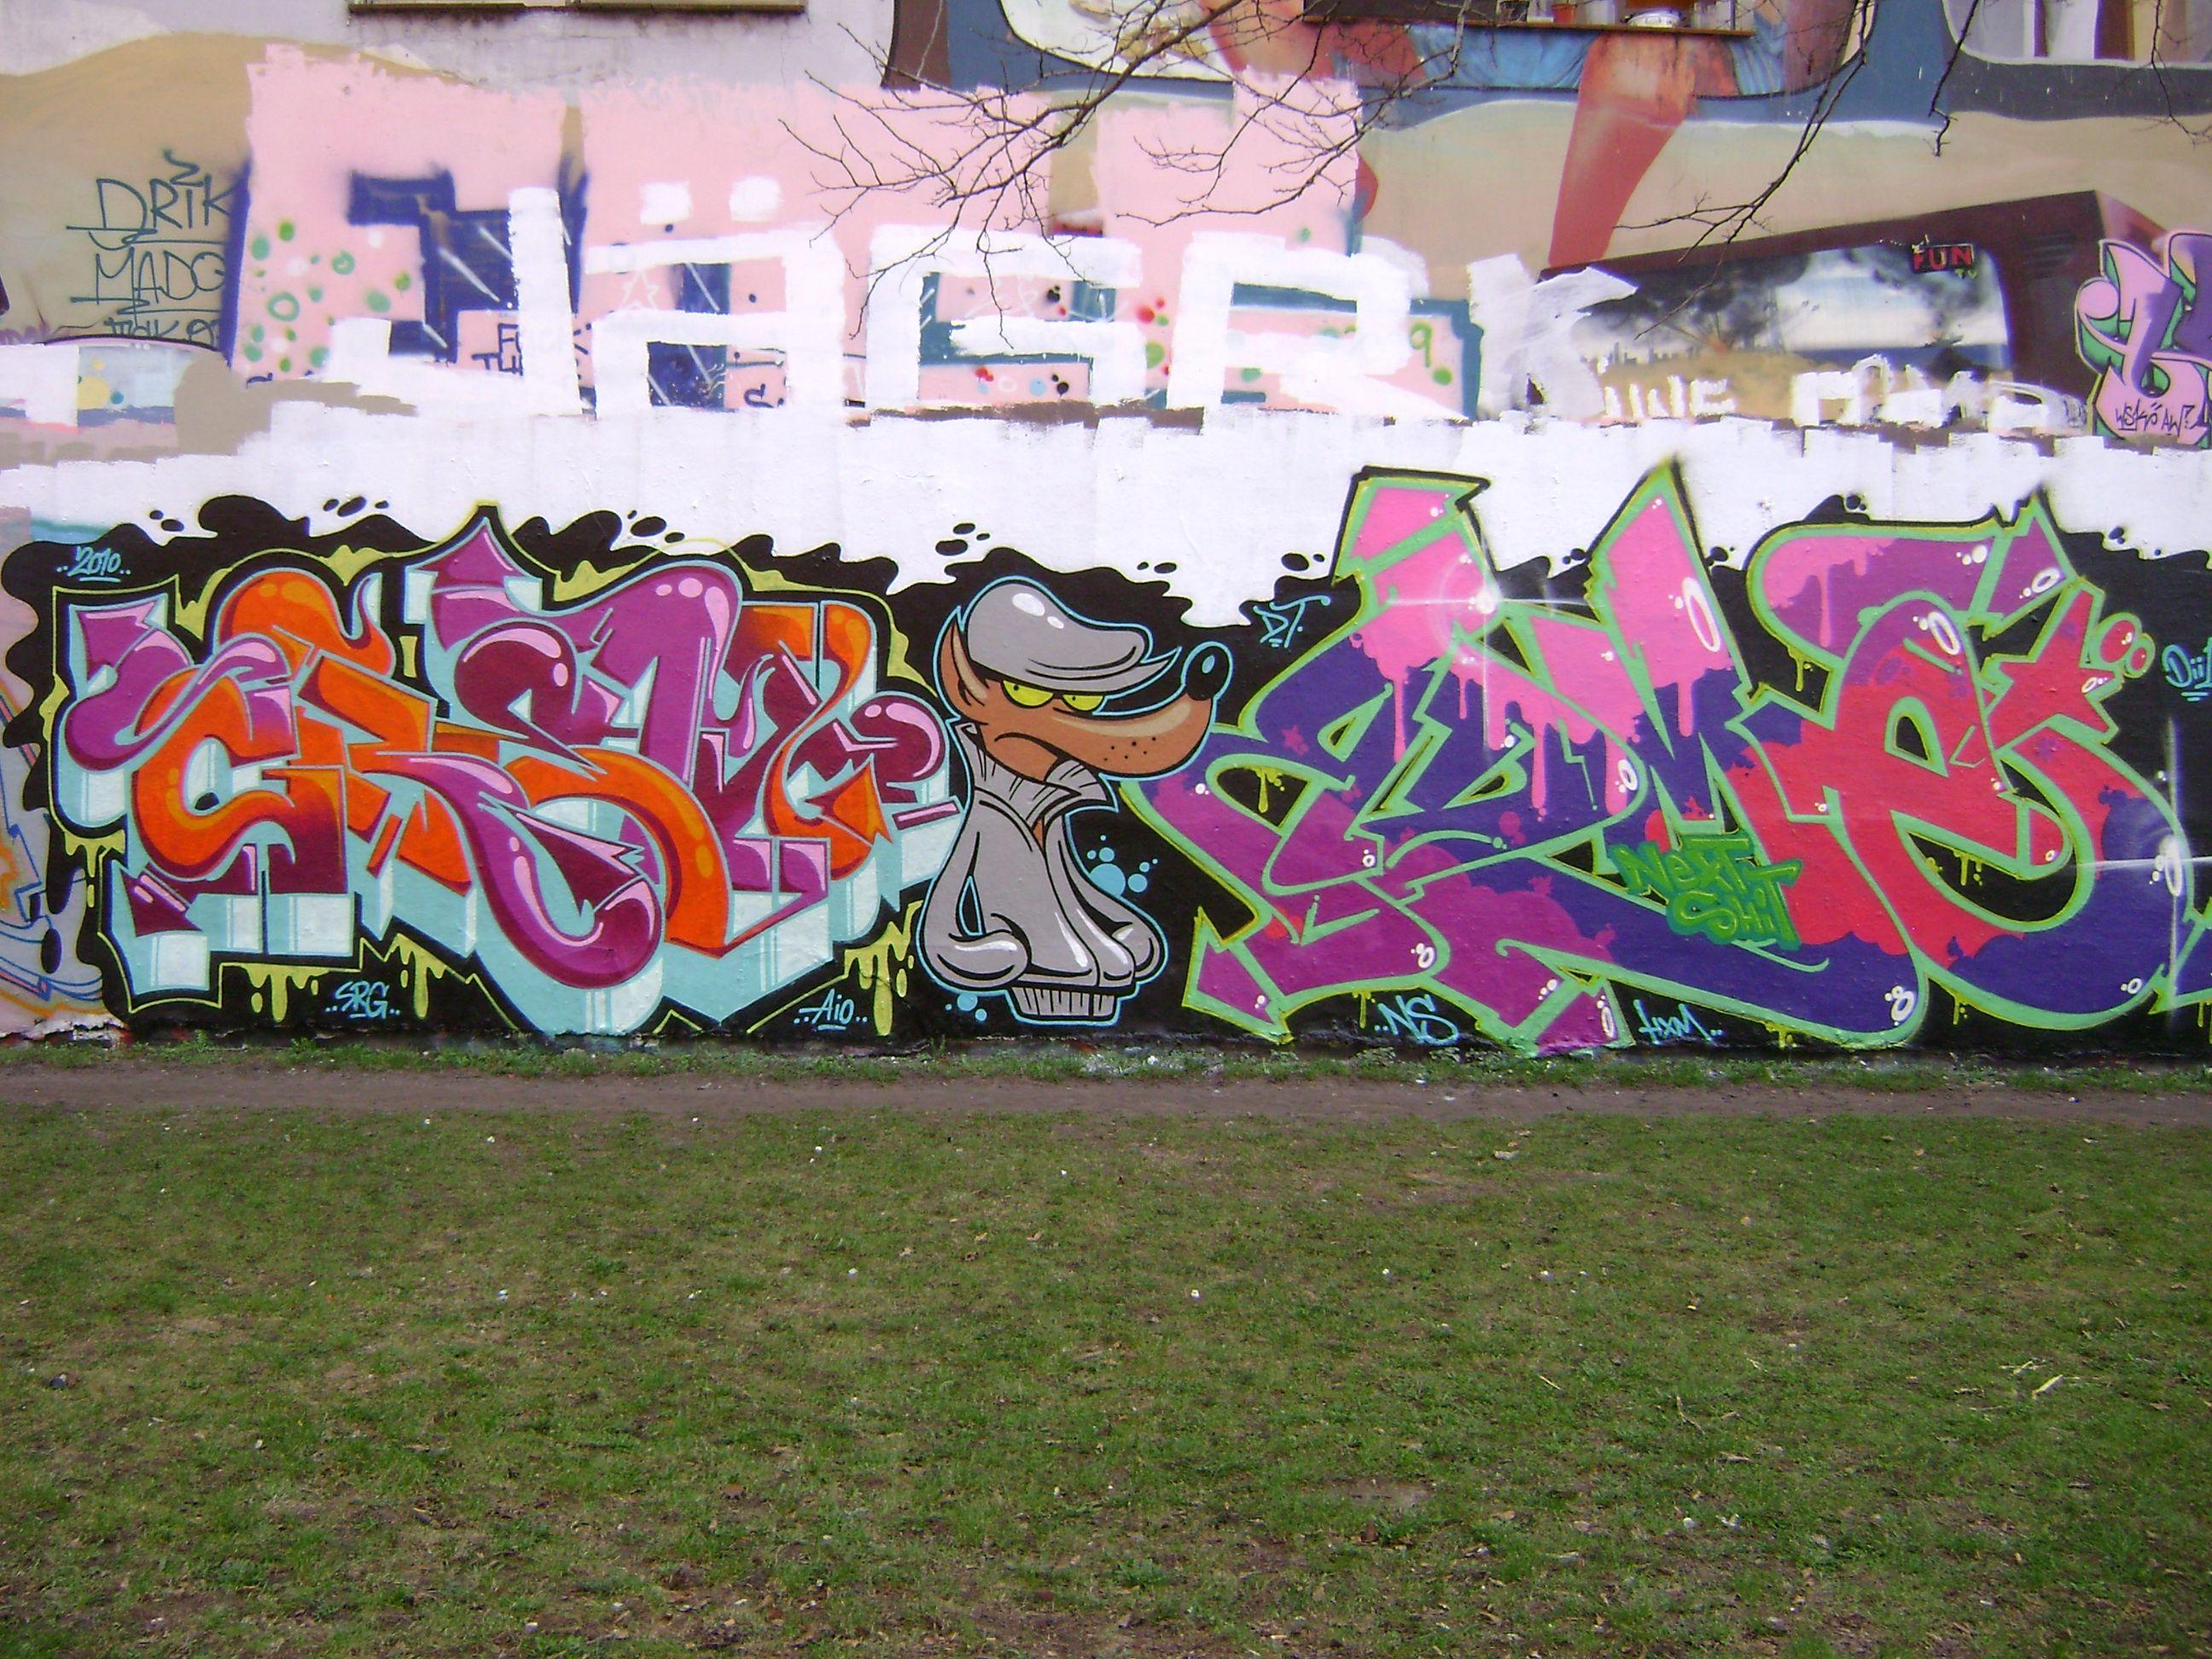 afbeeldingsresultaat voor bates graffiti